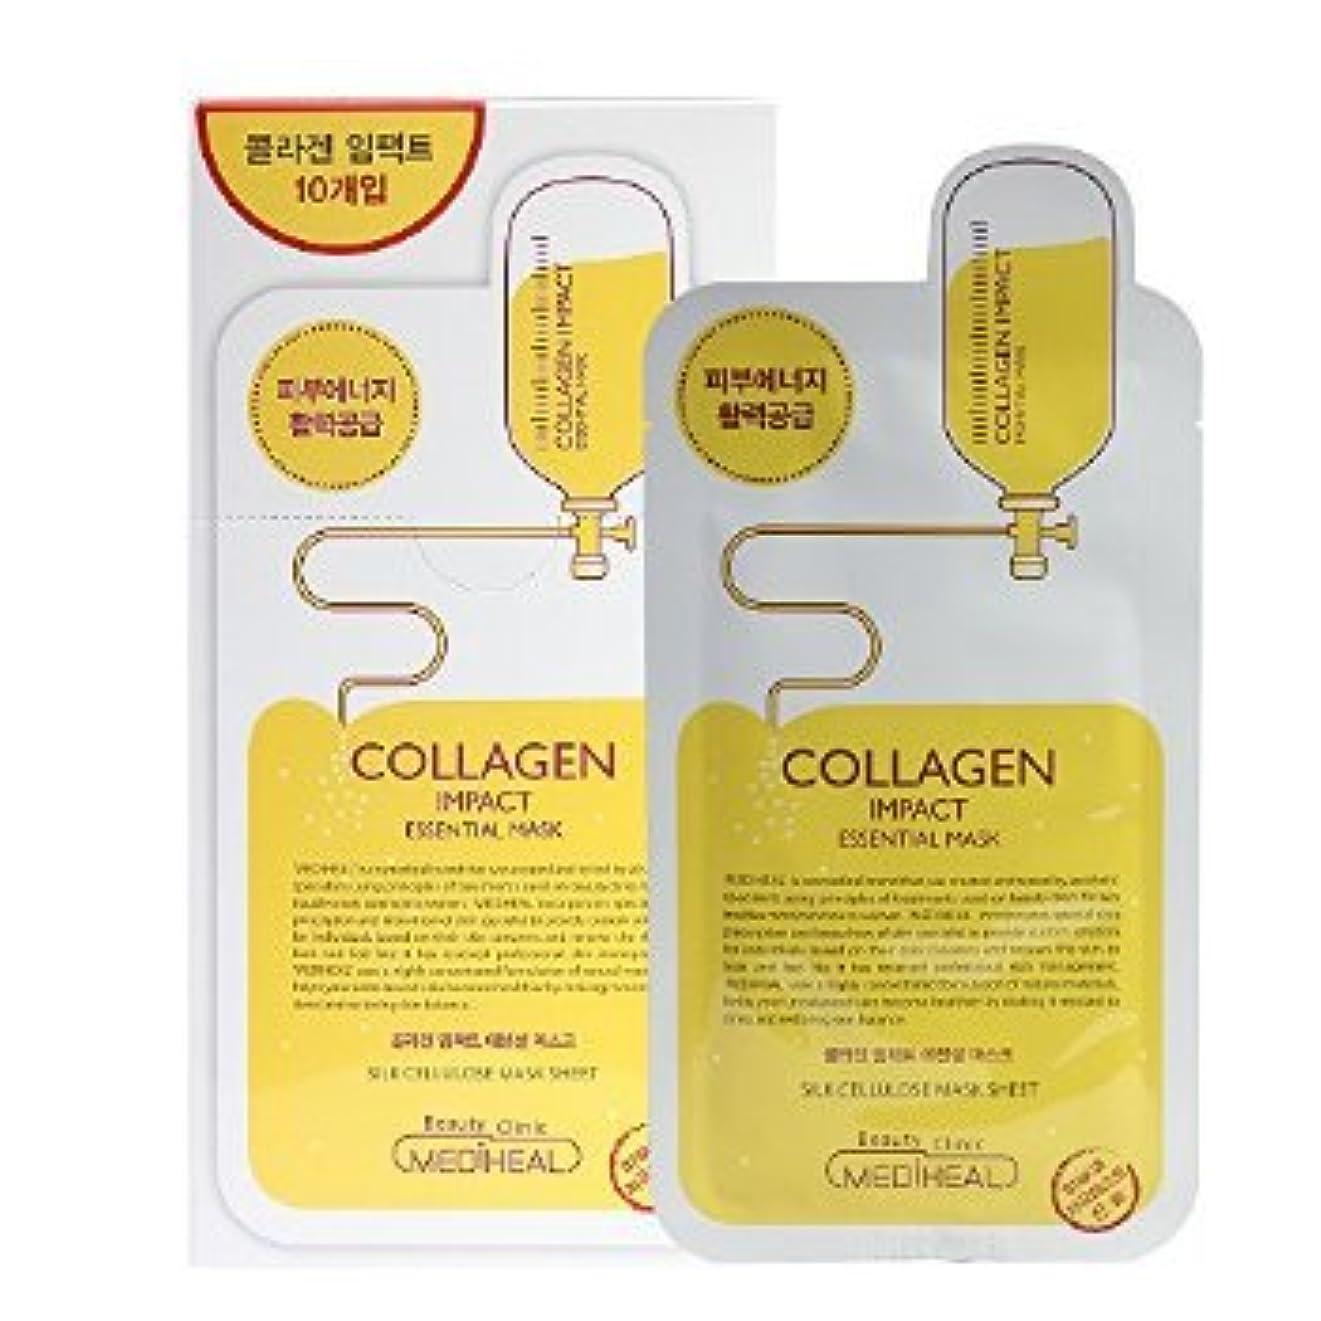 頂点たぶんポゴスティックジャンプKorea Mediheal Collagen Impact Essential Mask Pack 1box 10sheet